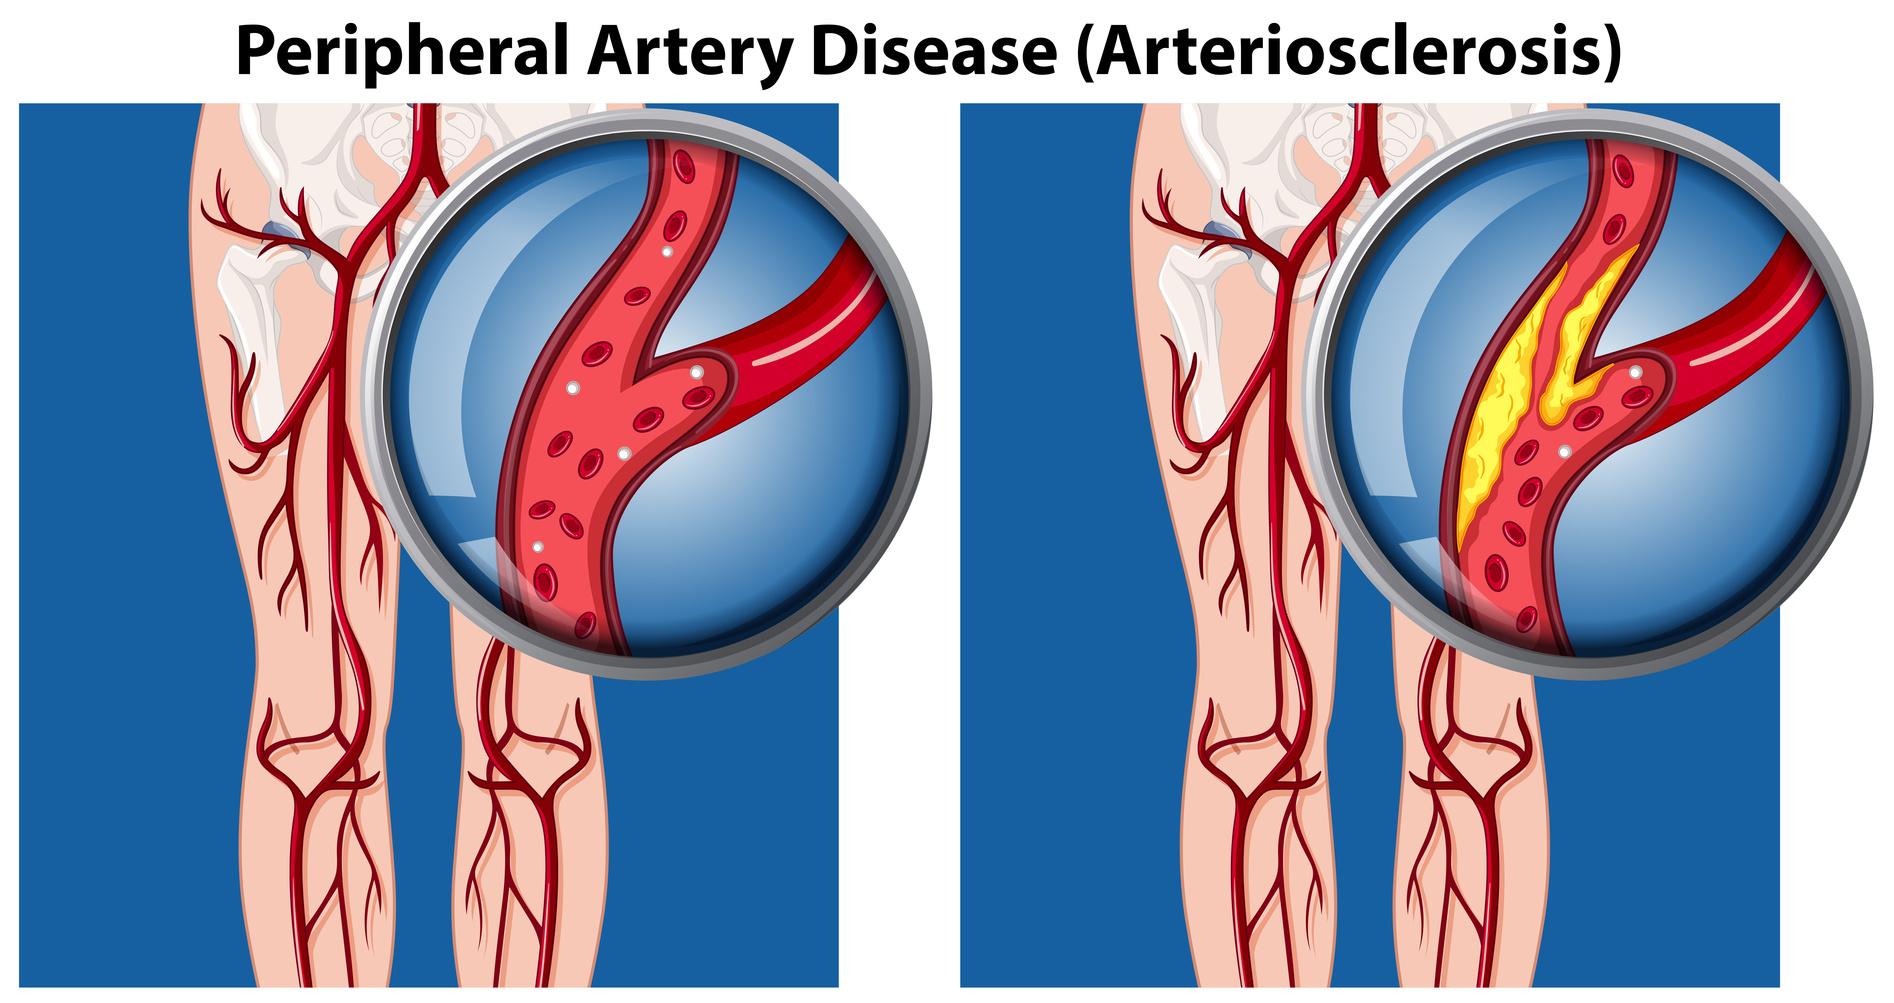 Облитерирующий атеросклероз периферических артерий